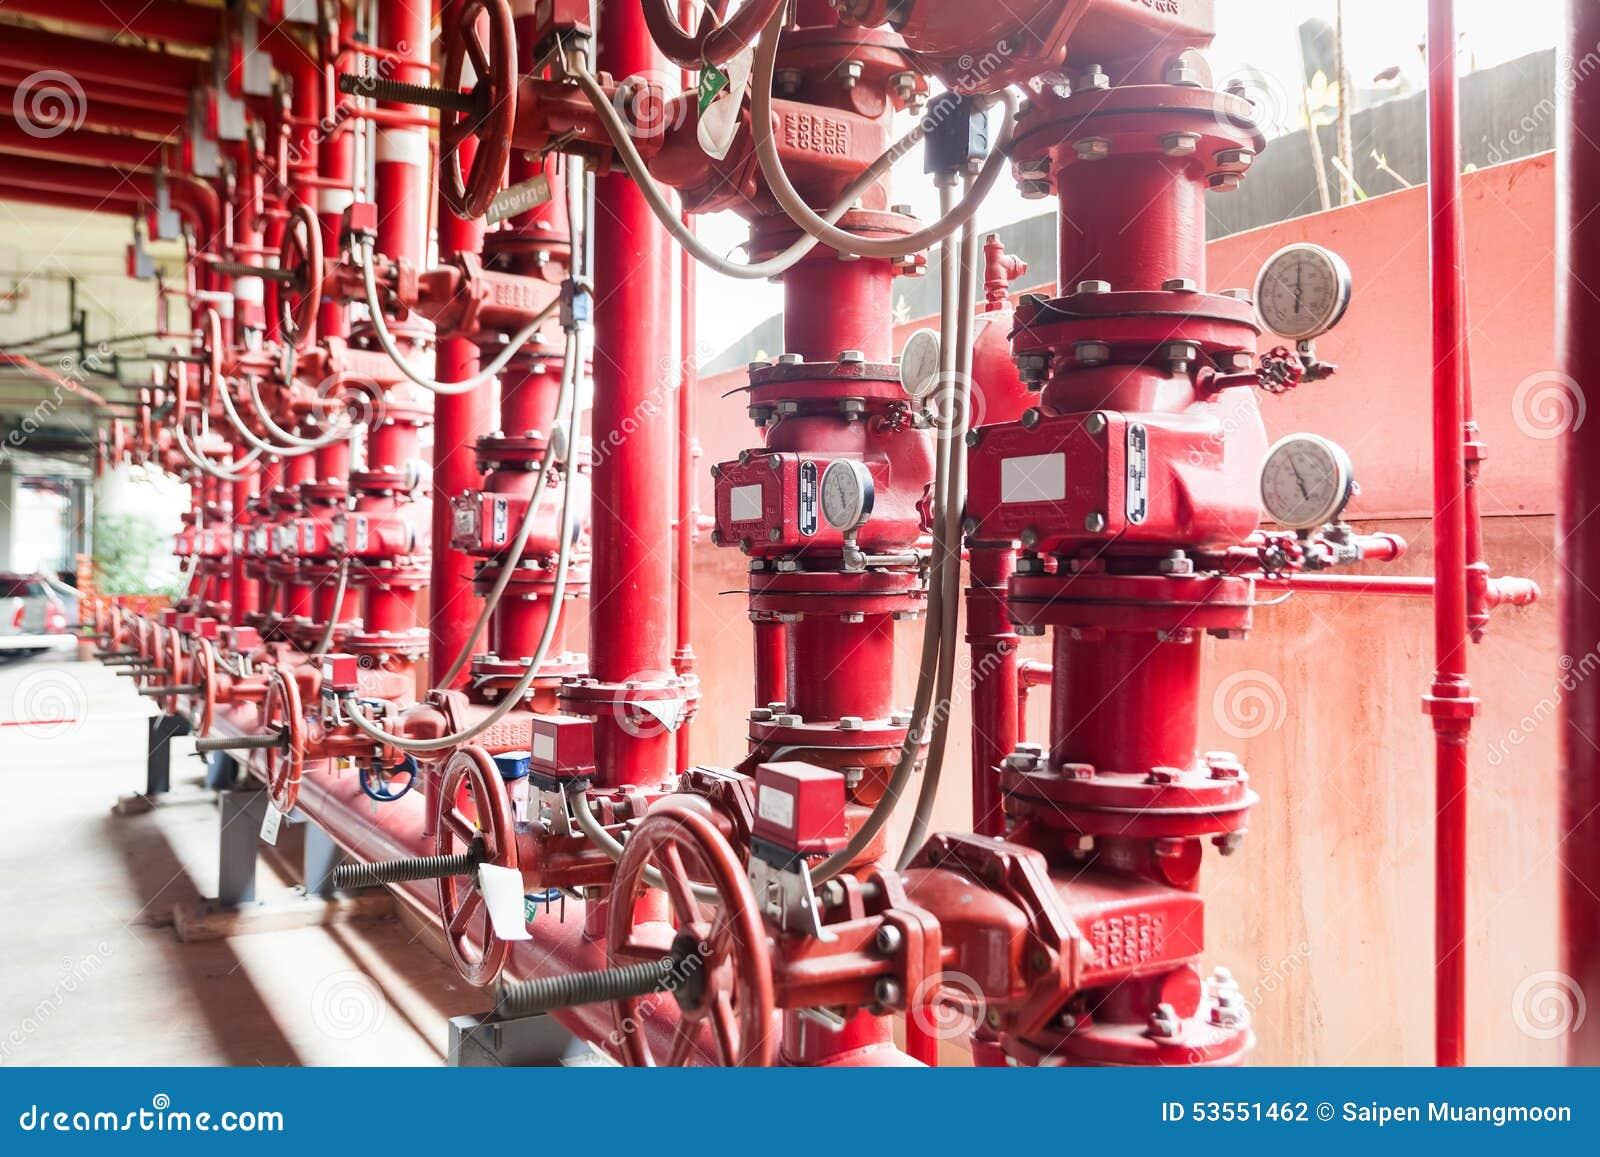 noveco fire fighting systems Noveco novec careers novec scholarship novecento wide novecento brickell novec solutions novec 7100 novec energy novec power novec va.